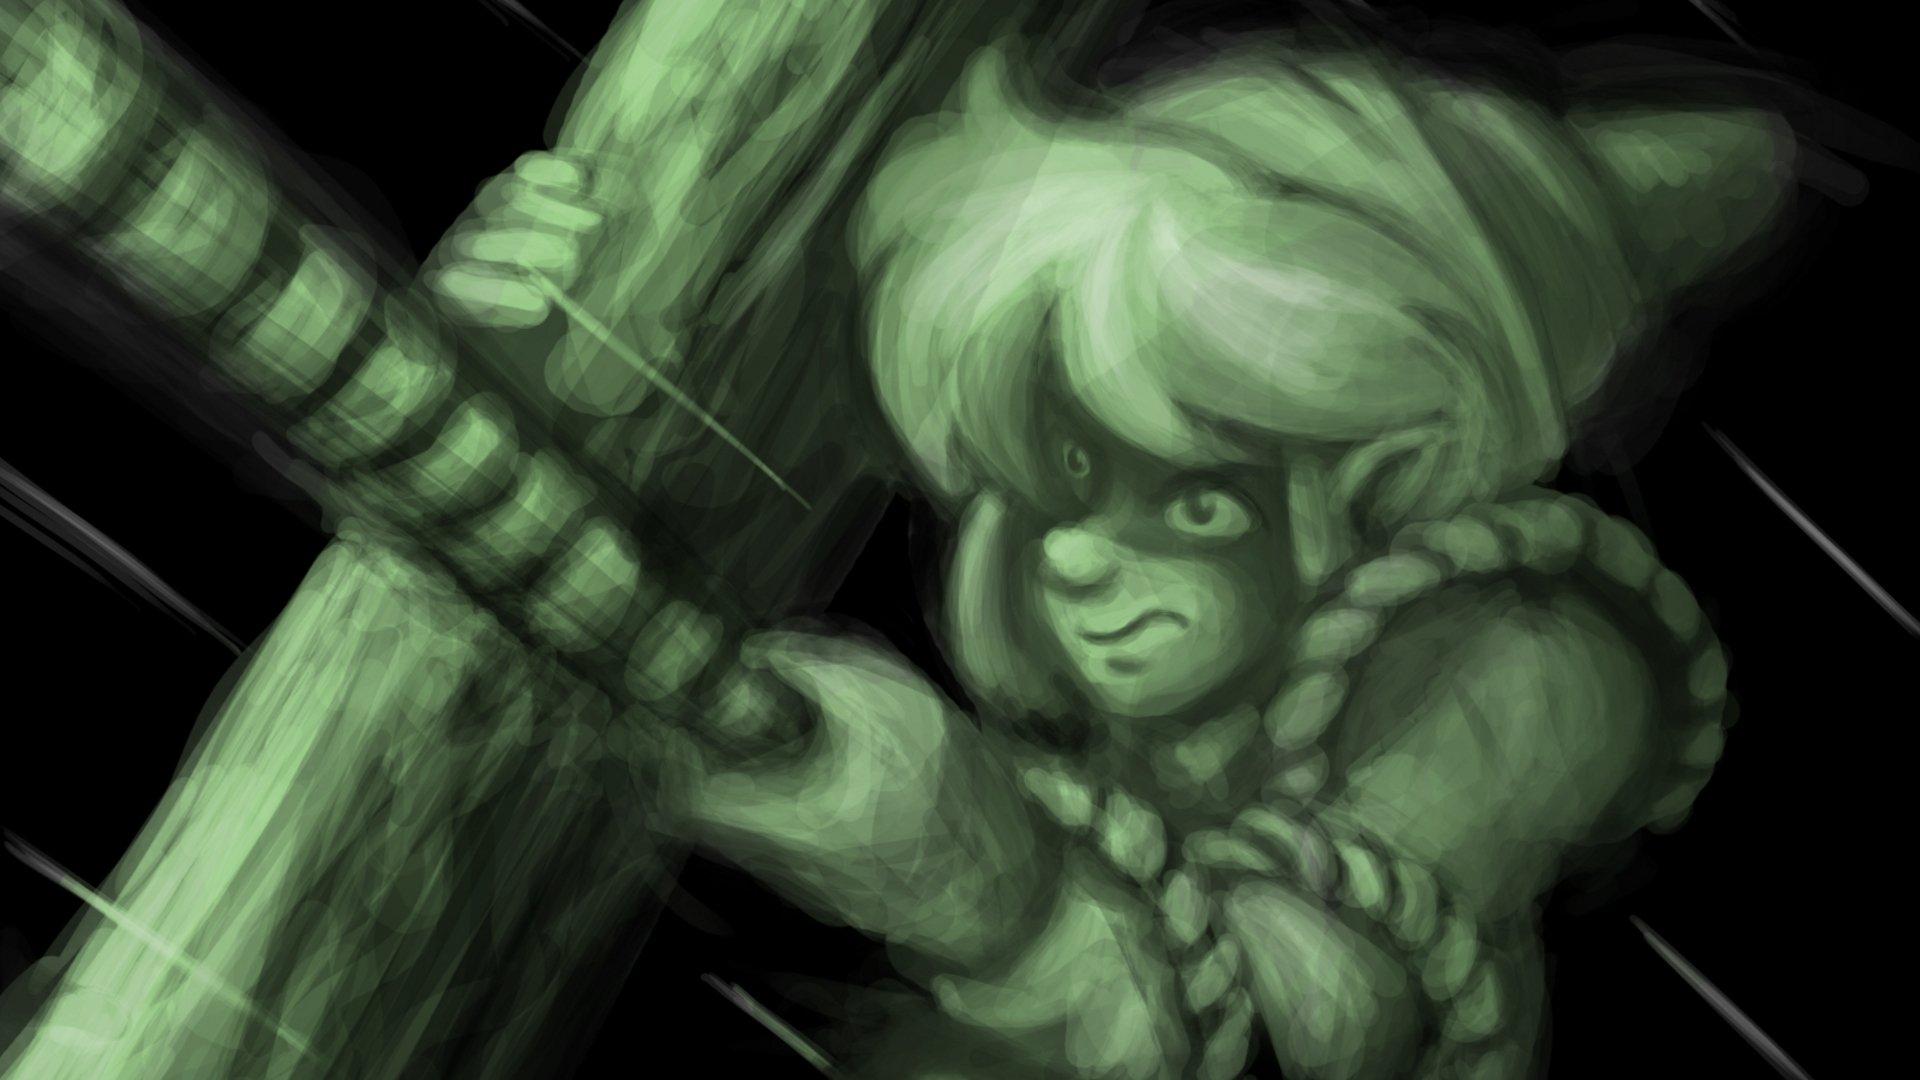 Zelda Hd Wallpaper The Legend Of Zelda Link S Awakening Hd Wallpaper